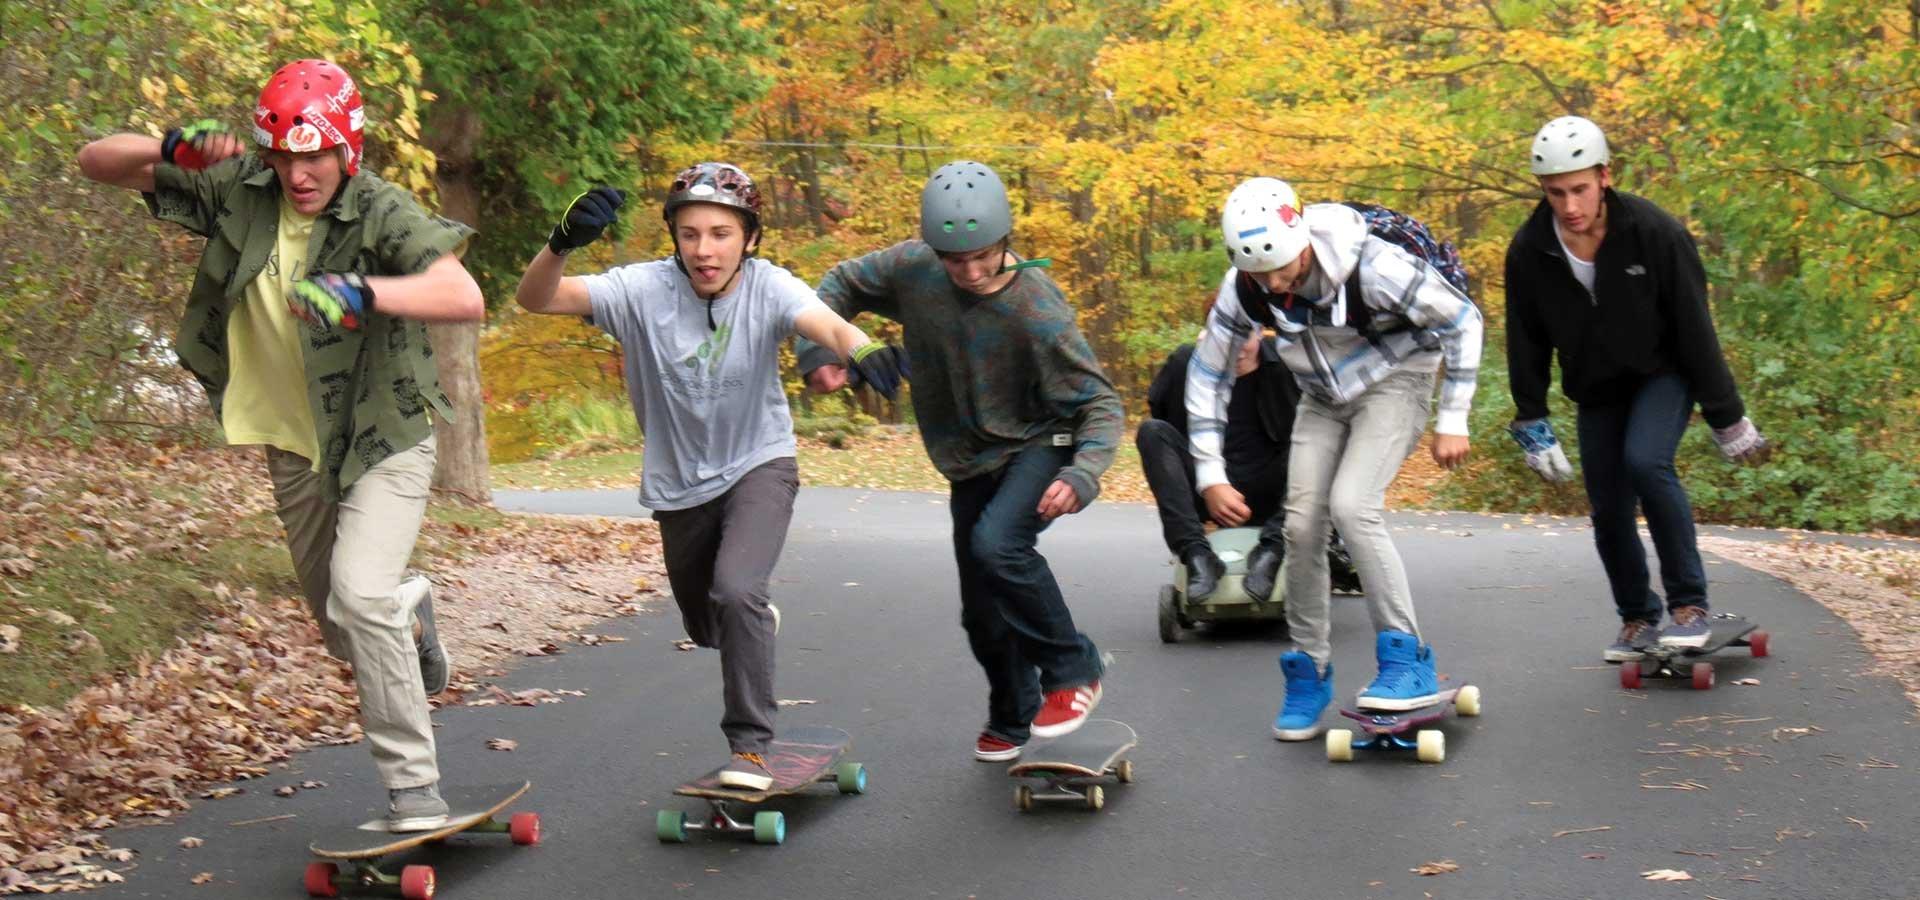 skateboarders-at-rock-point-school_9236